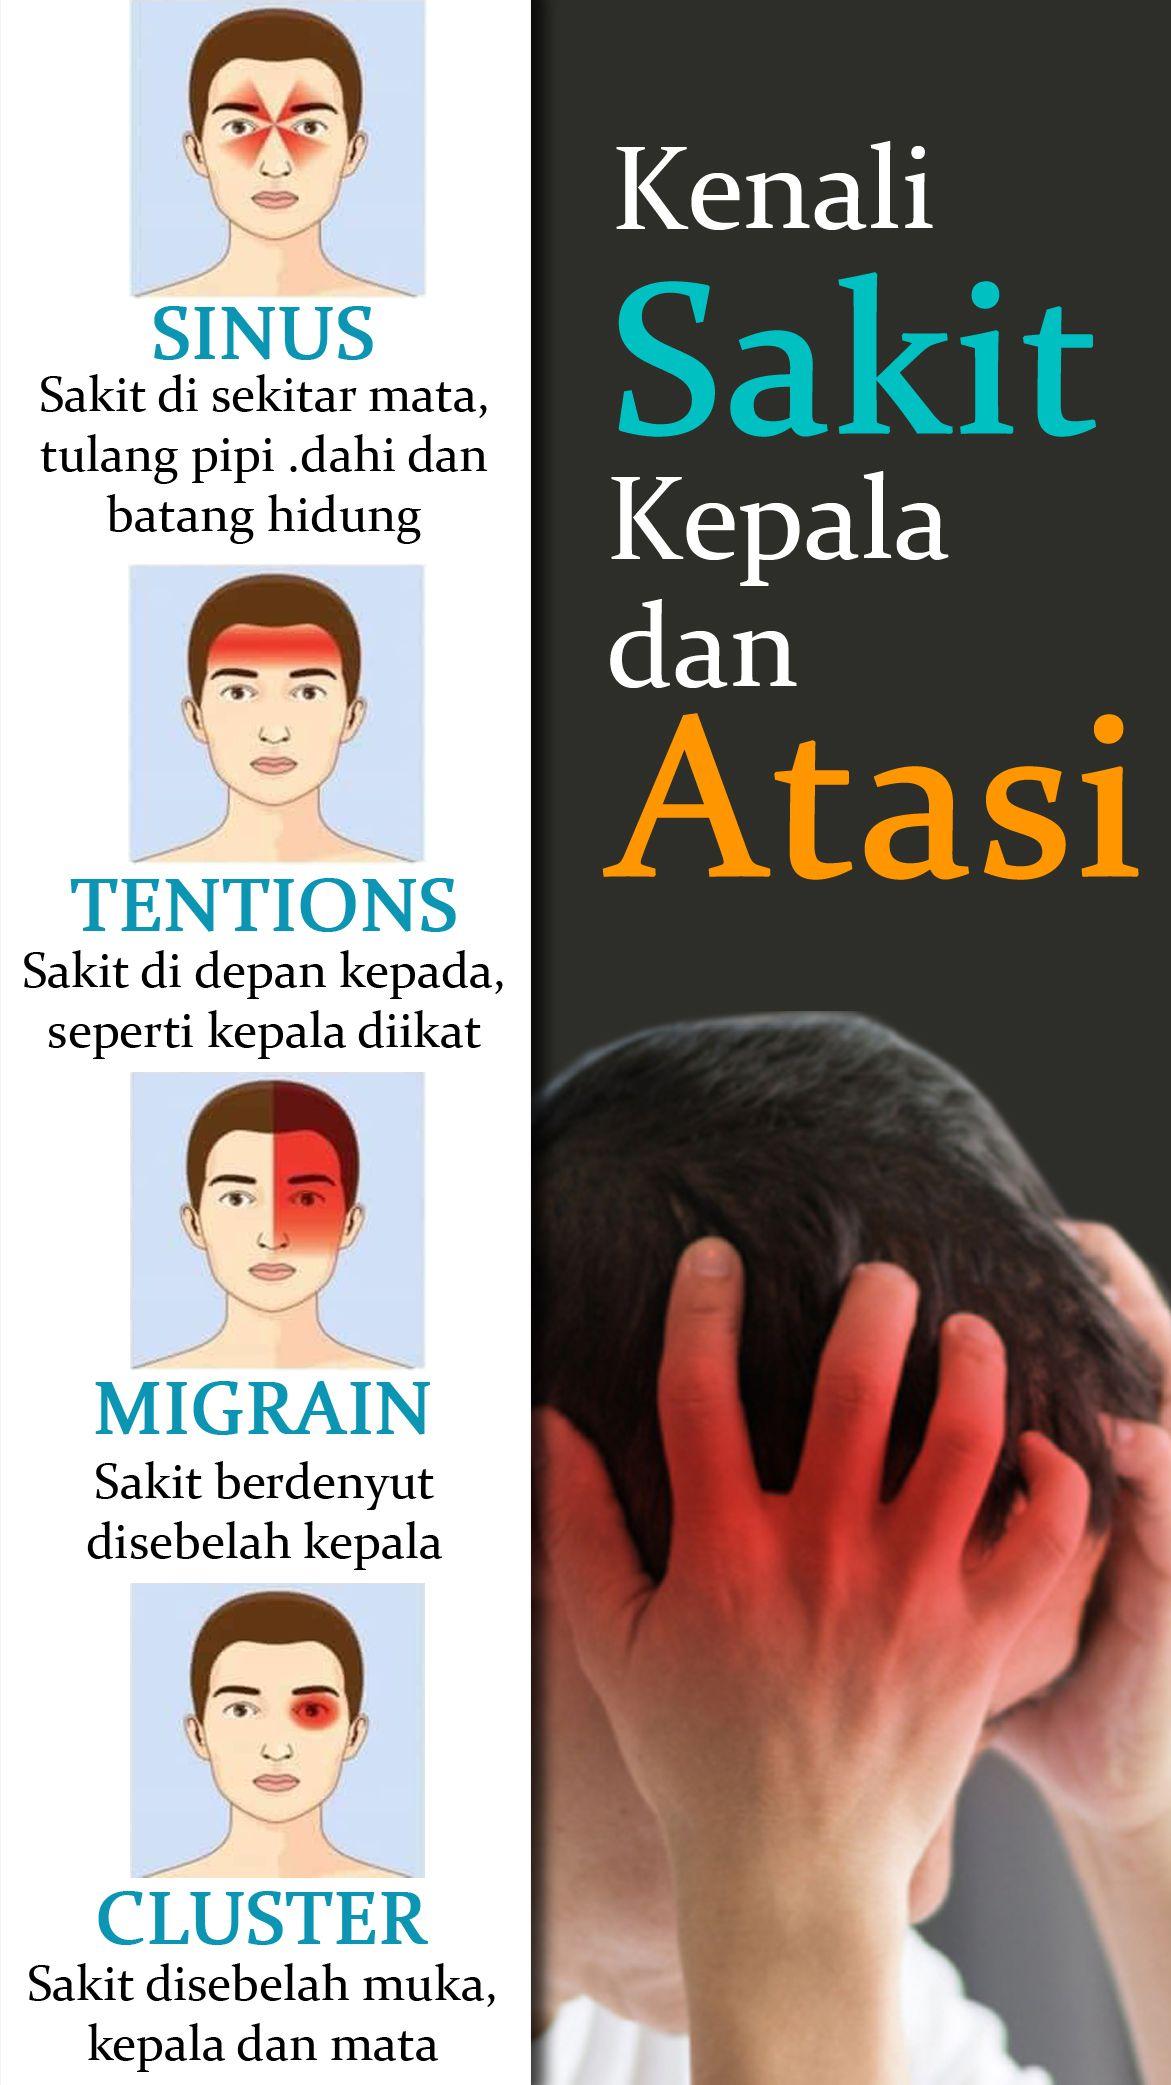 37+ Penyakit dengan gejala sakit kepala ideas in 2021